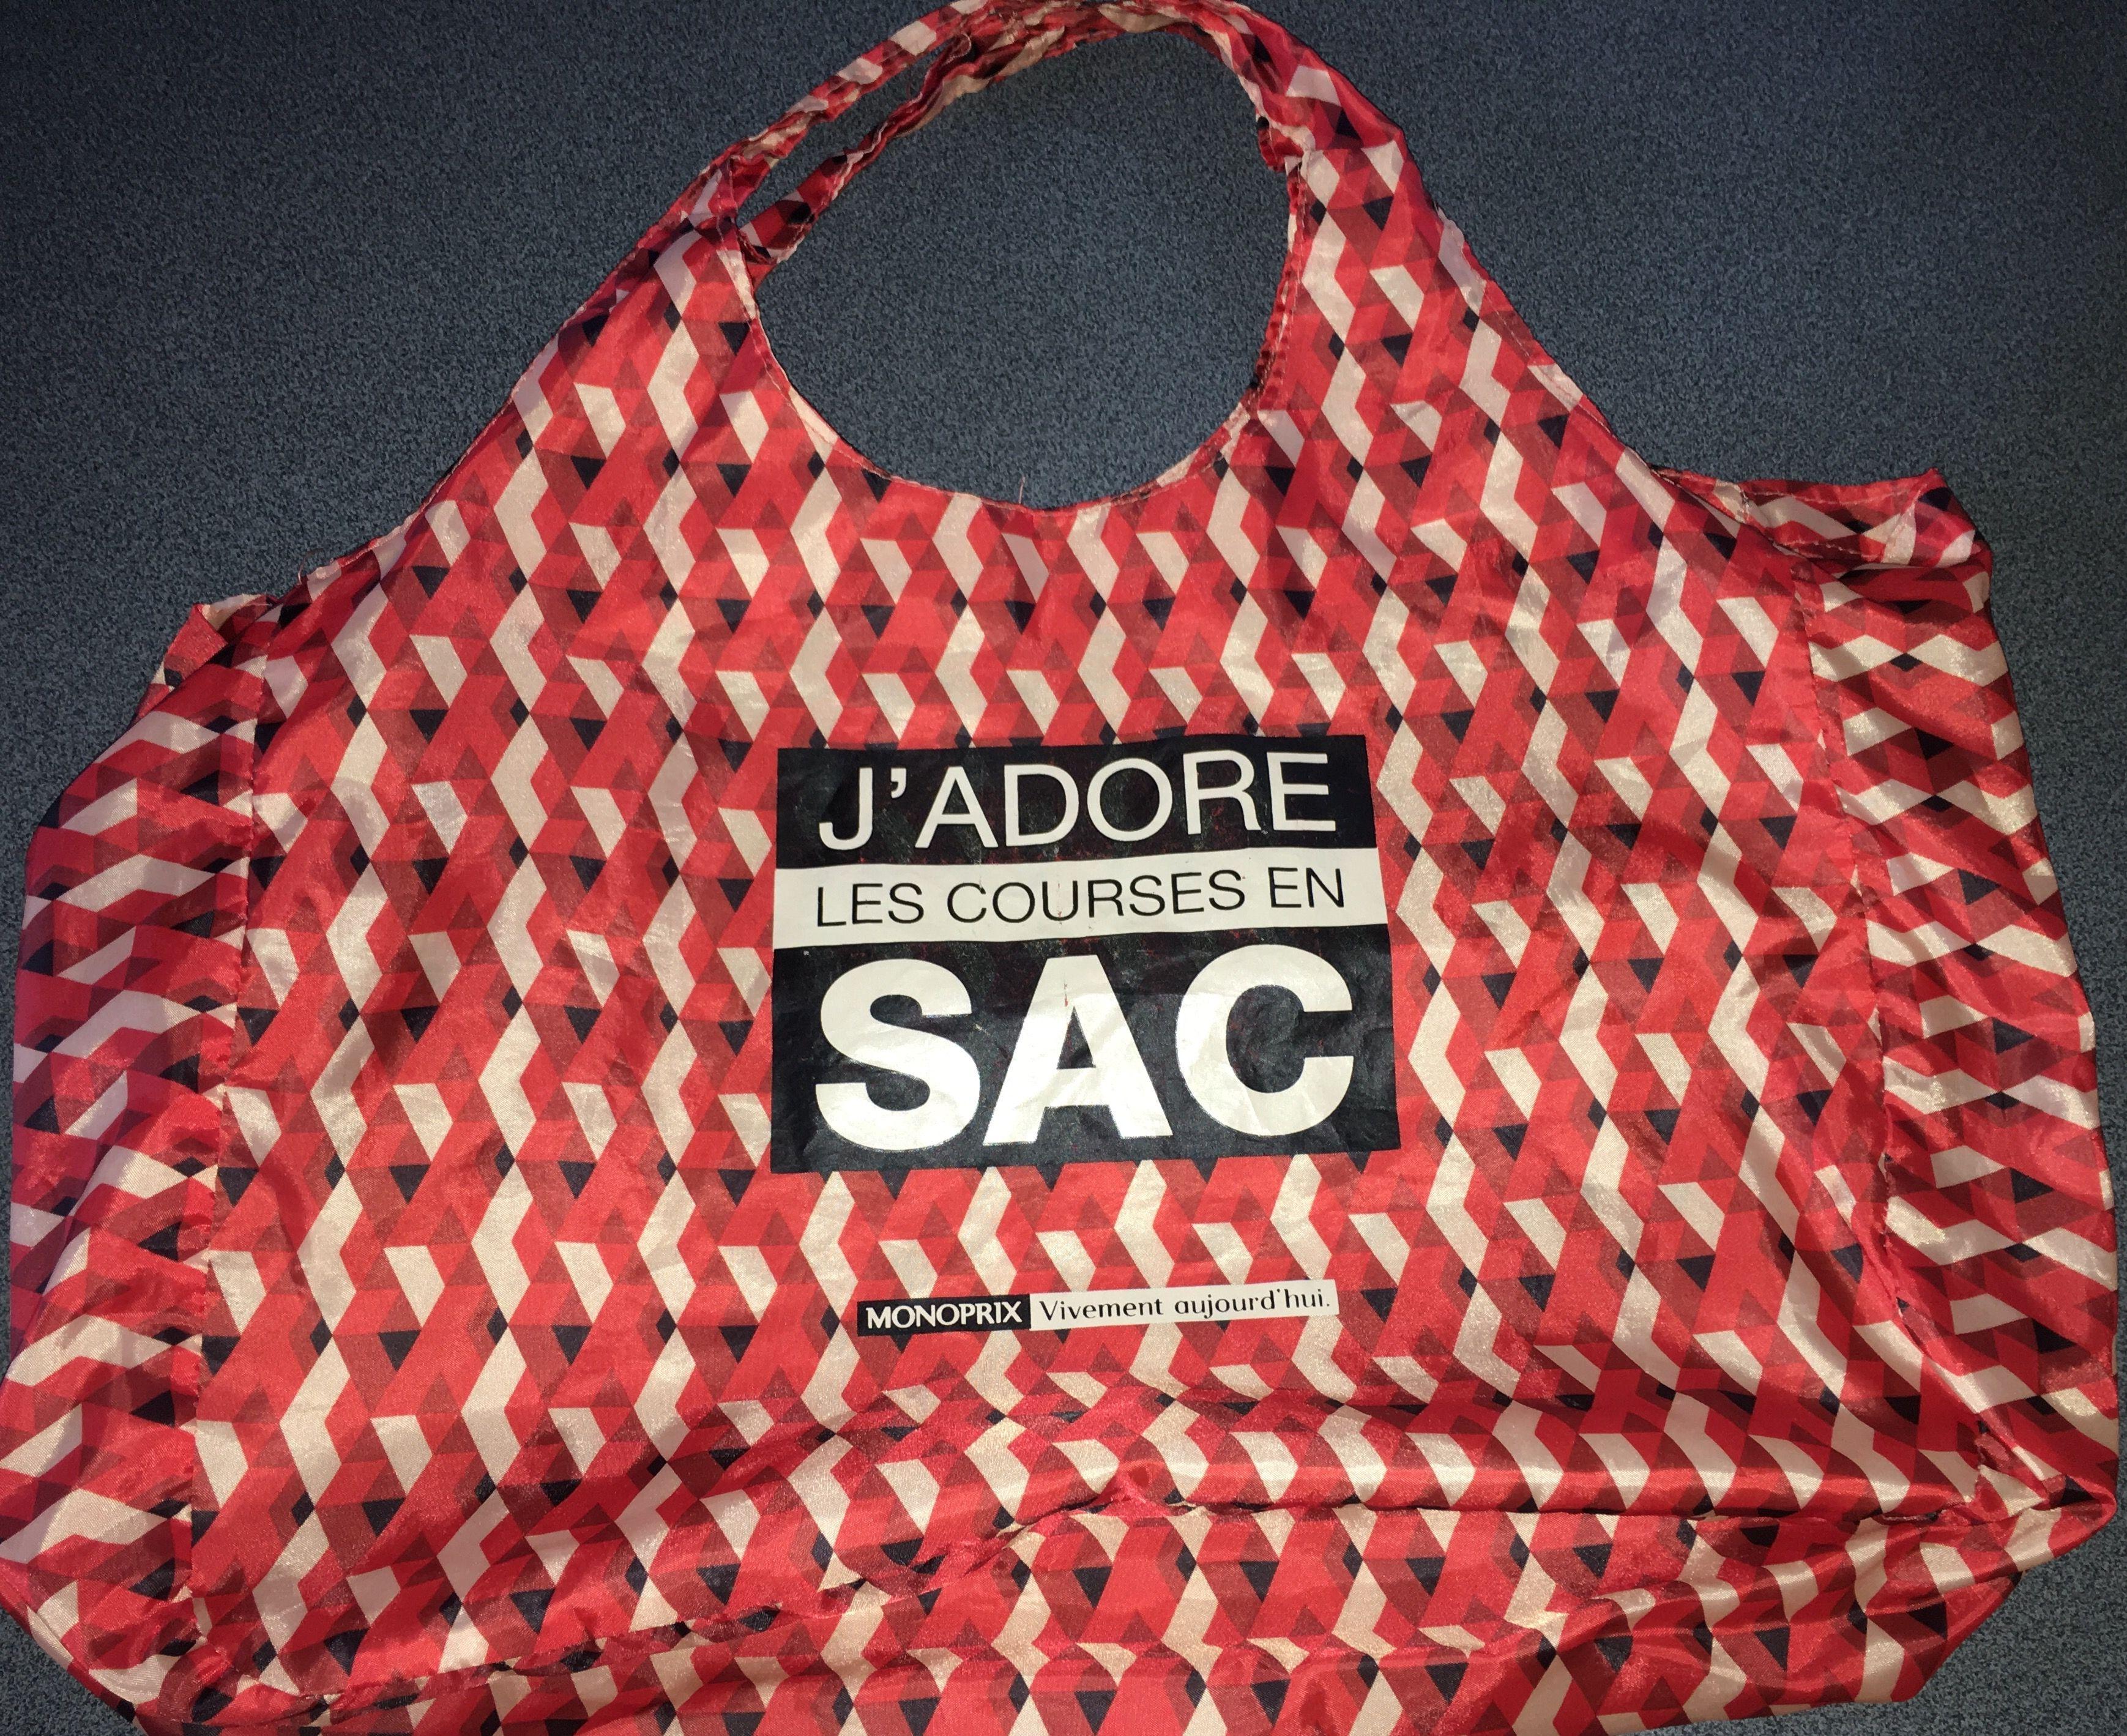 94a9cf80c5 Le Spyché - sac Monoprix j'adore les courses en sac cabas shopping bag tote  Monoprix 21/08/16